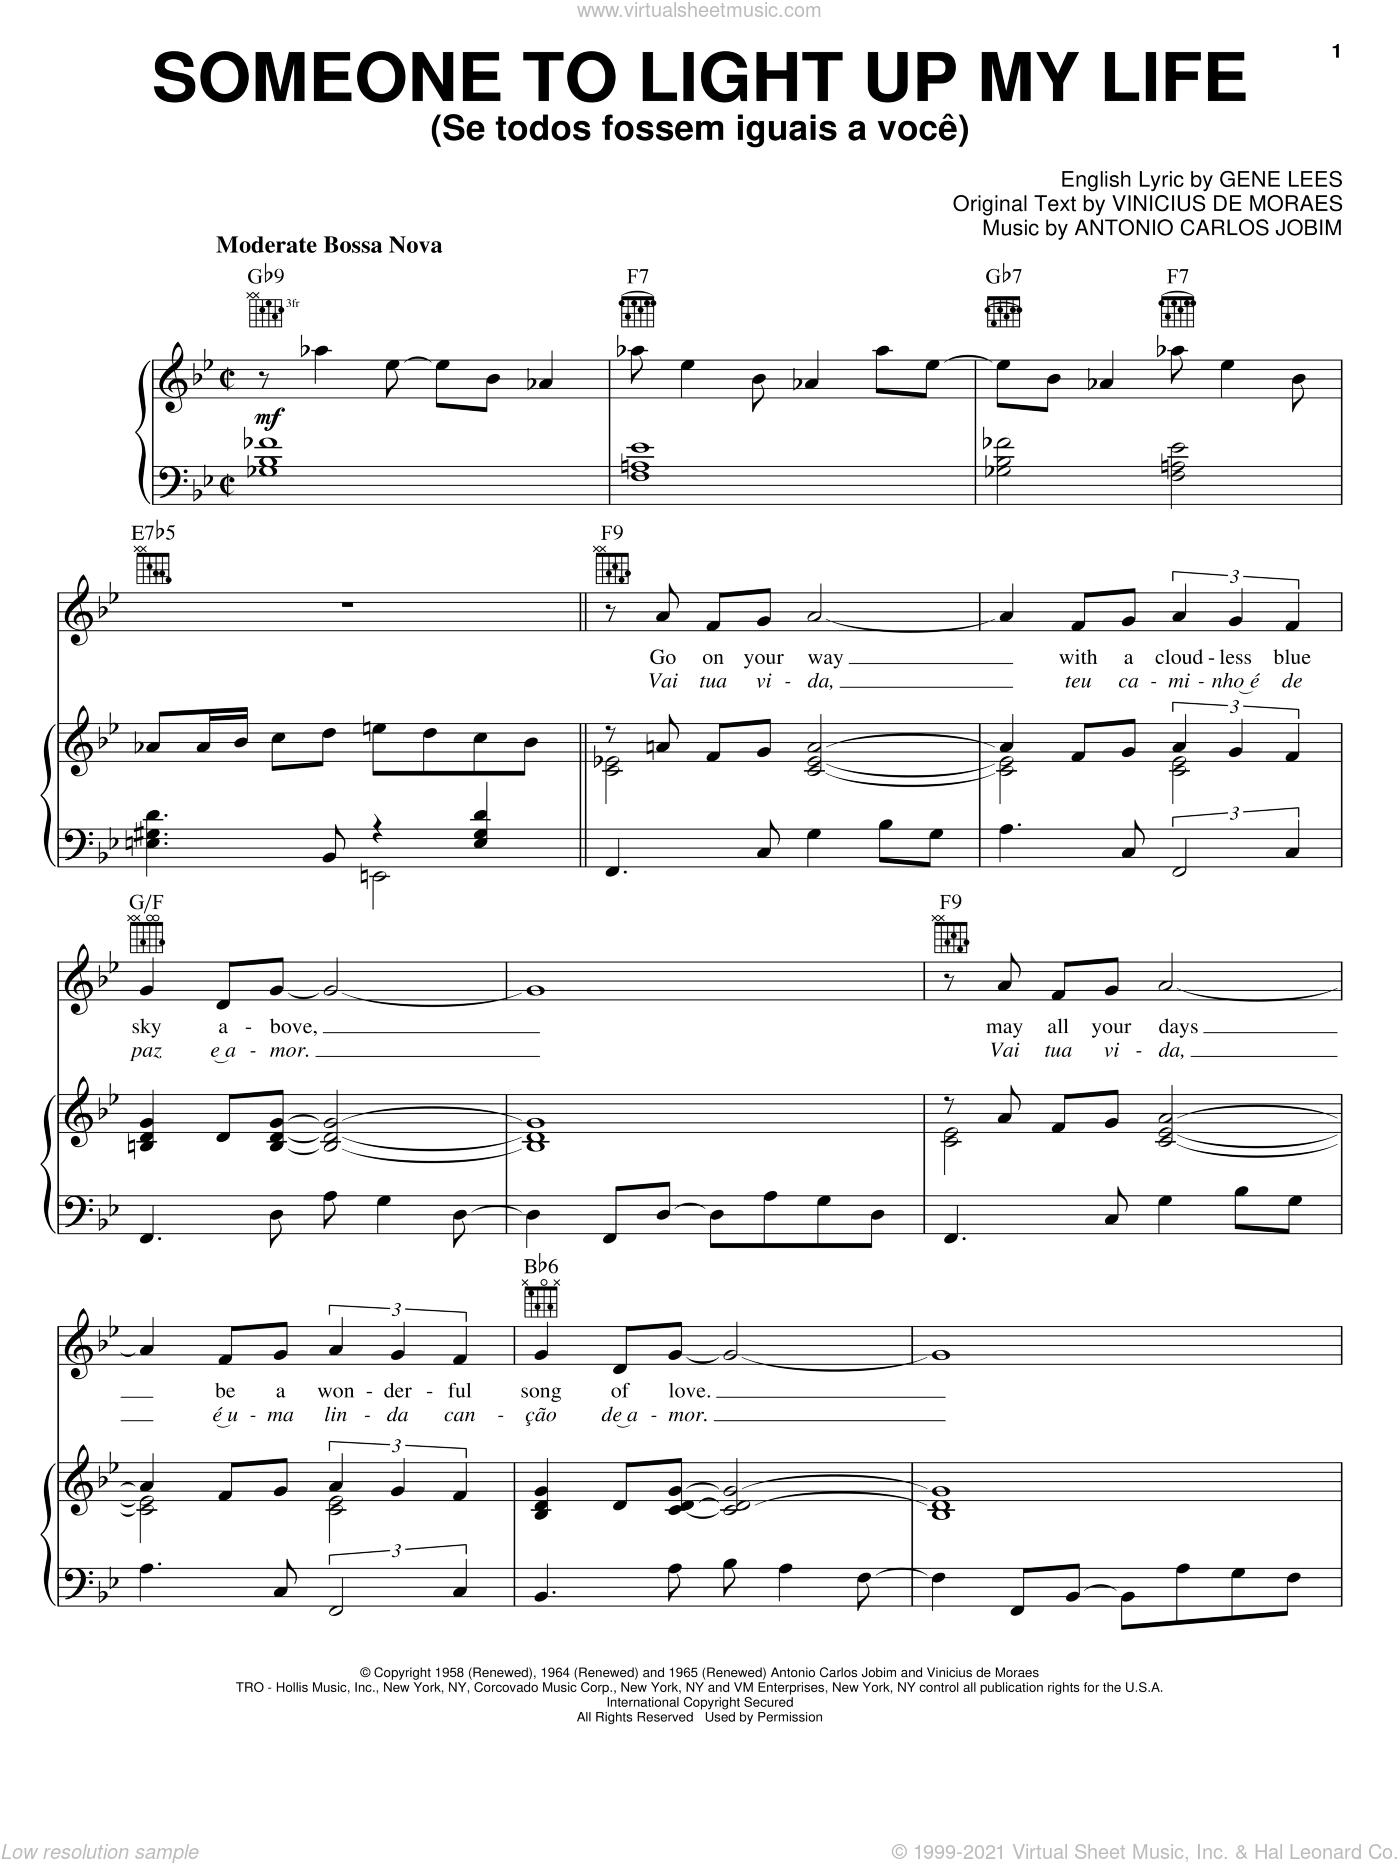 Someone To Light Up My Life (Se Todos Fossem Iguais A Voce) sheet music for voice, piano or guitar by Antonio Carlos Jobim, Eugene John Lees and Vinicius de Moraes, intermediate skill level